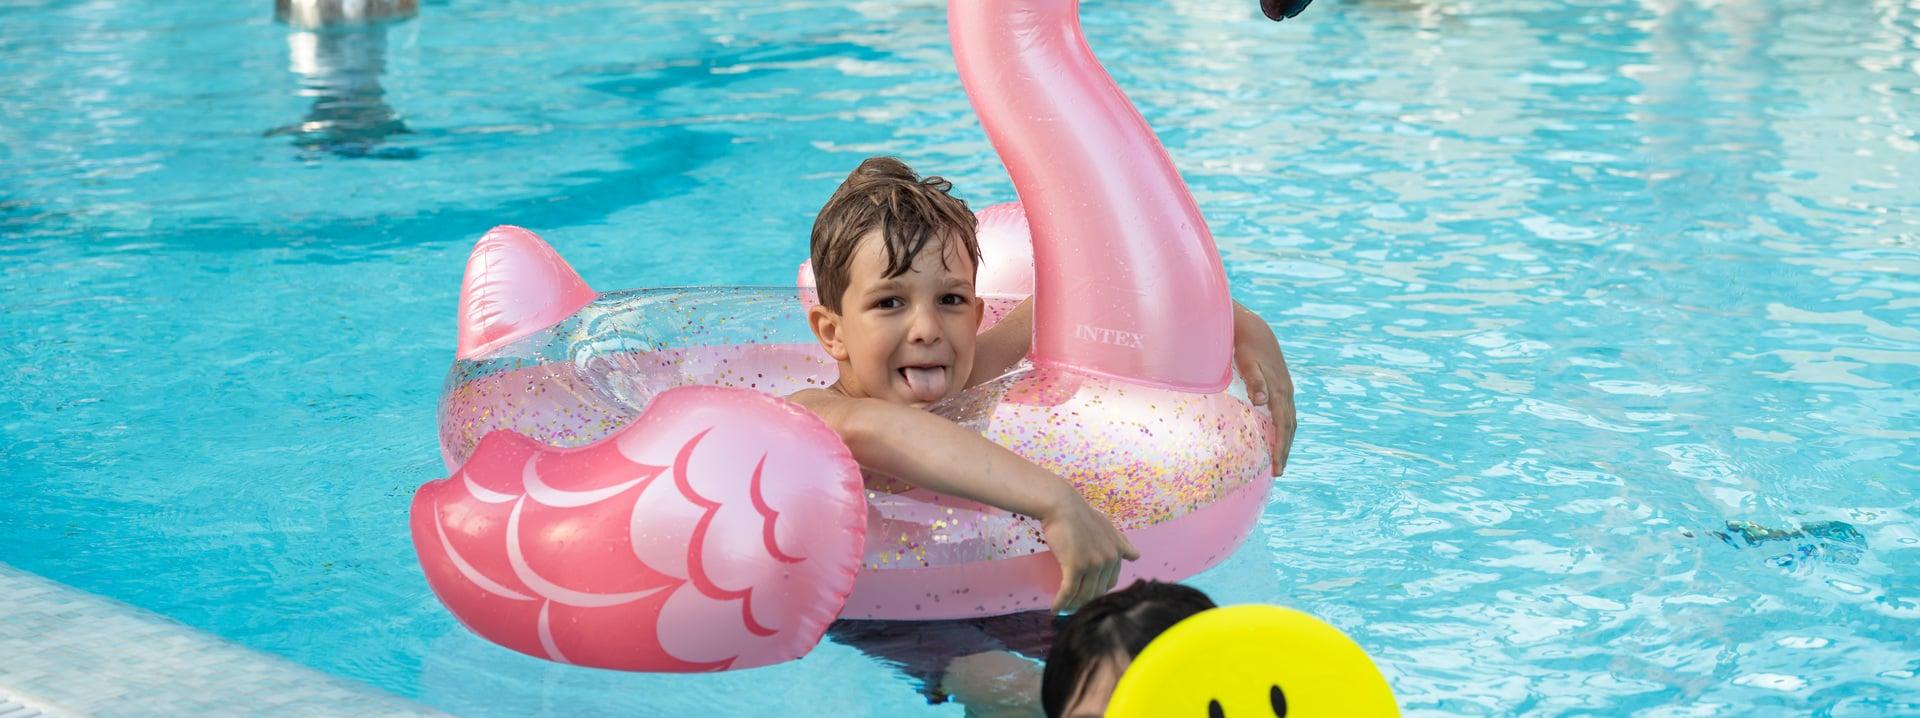 Piscina hotel jesolo con piscina hotel brioni - Hotel con piscina jesolo ...